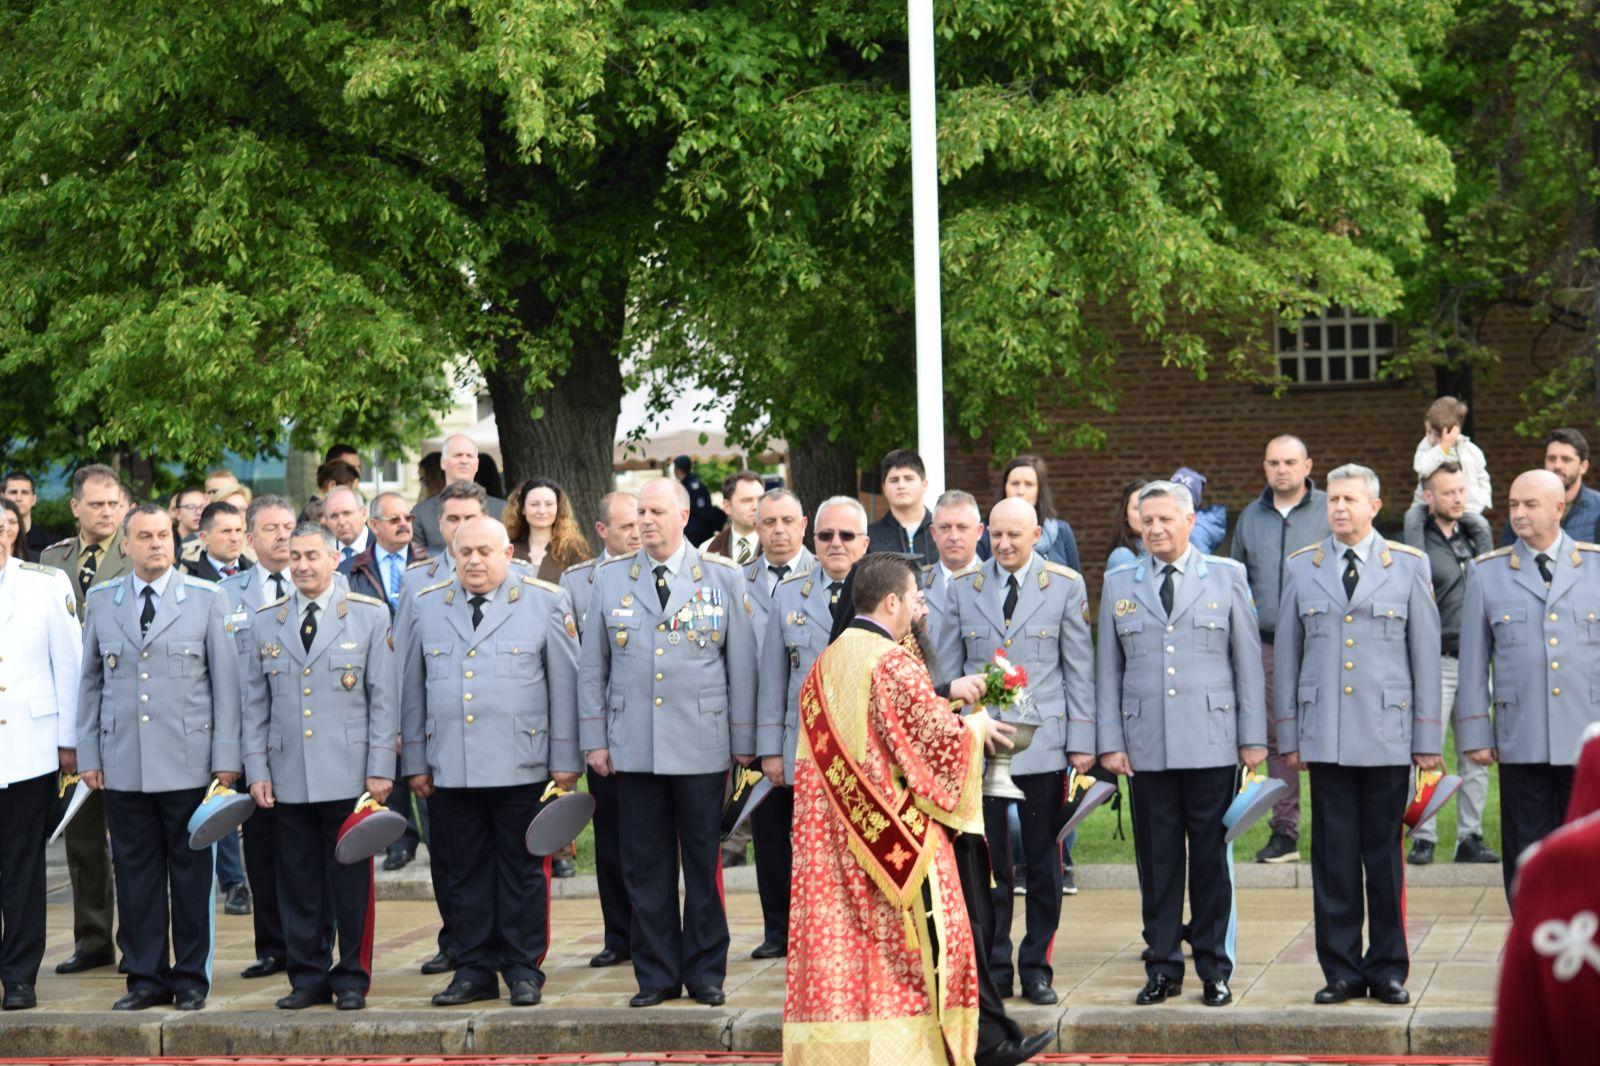 Водосвет на знамената и демонстрации на способности и техника в различни гарнизони се предвиждат за празника на армията тази година